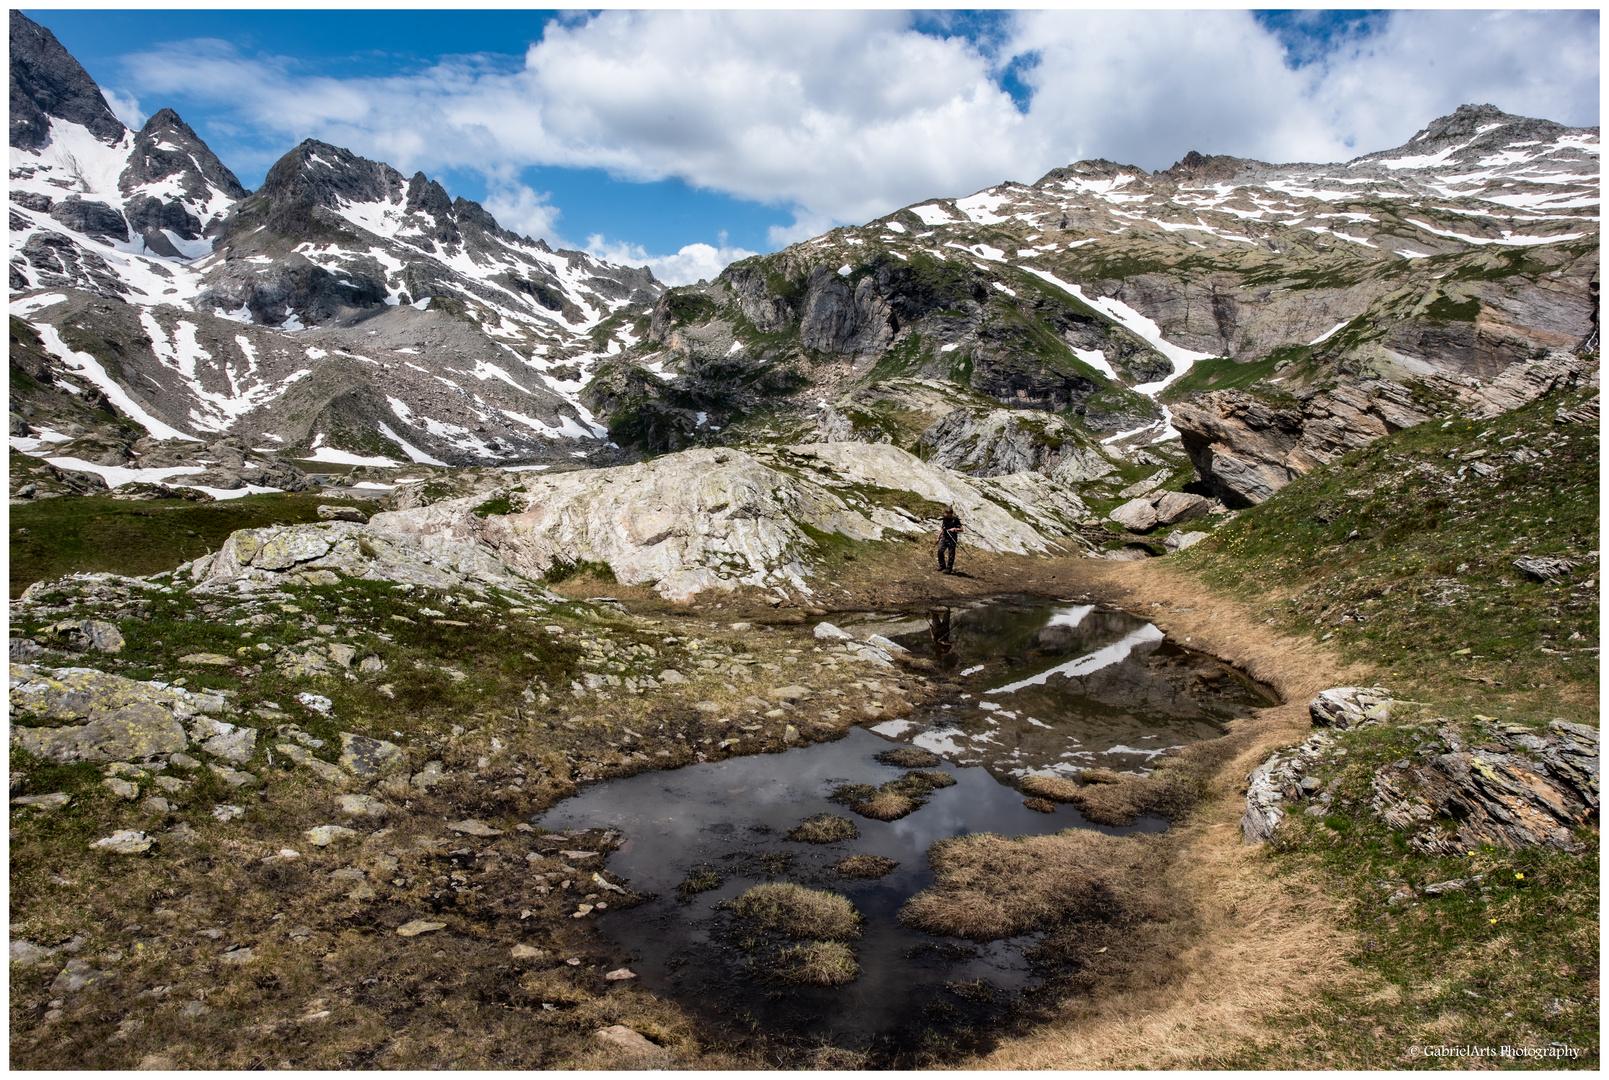 -escursione- Dienstag ist Spiegeltag - auch in den Bergen